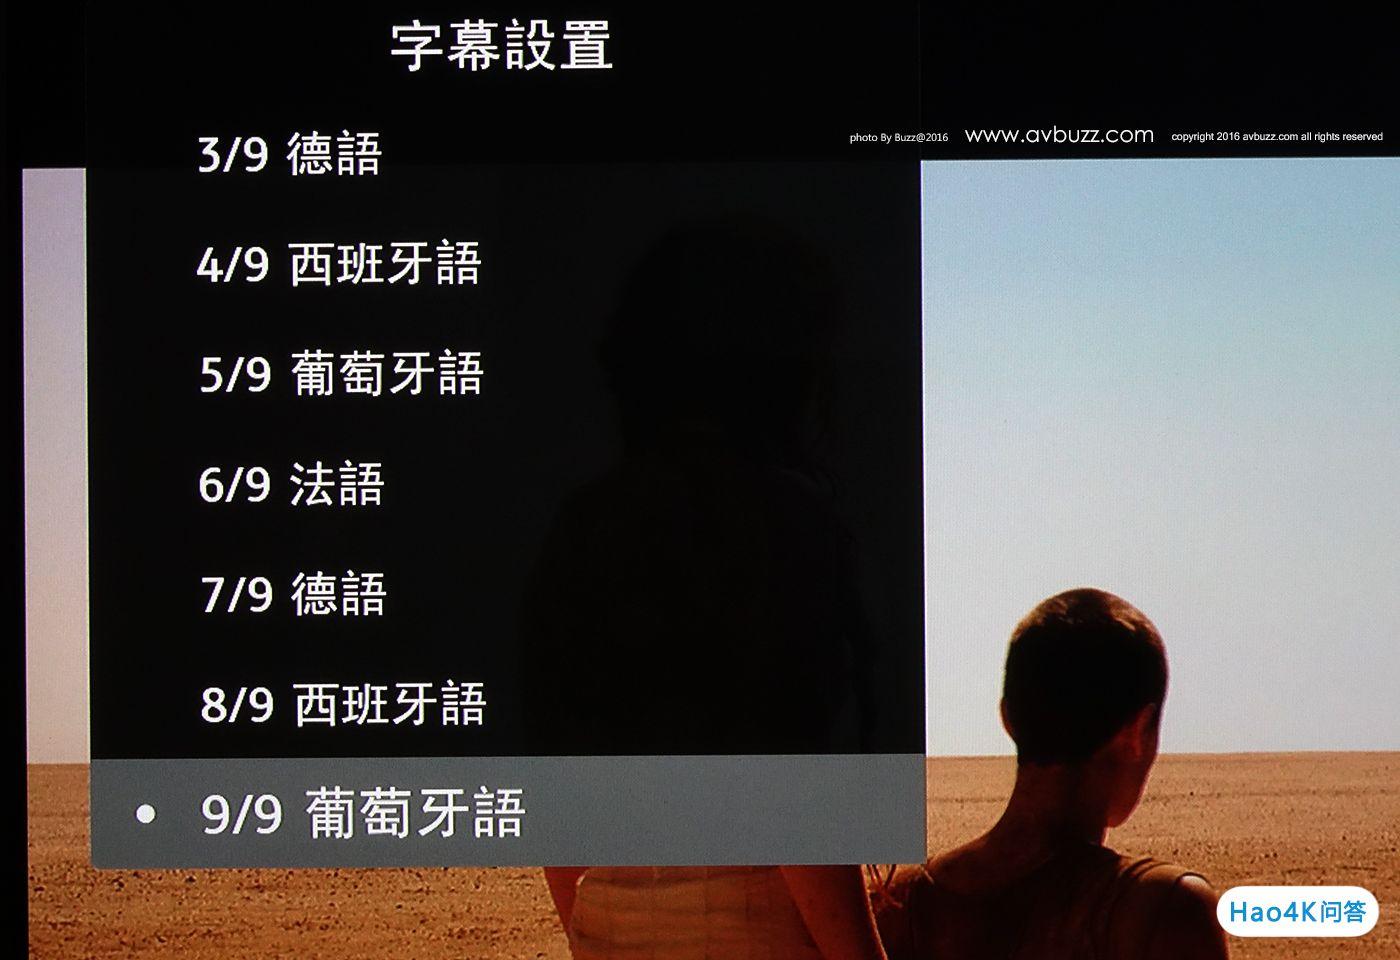 不用越狱,OPPO UDP-203蓝光播放器外挂字幕方法教程1.jpg